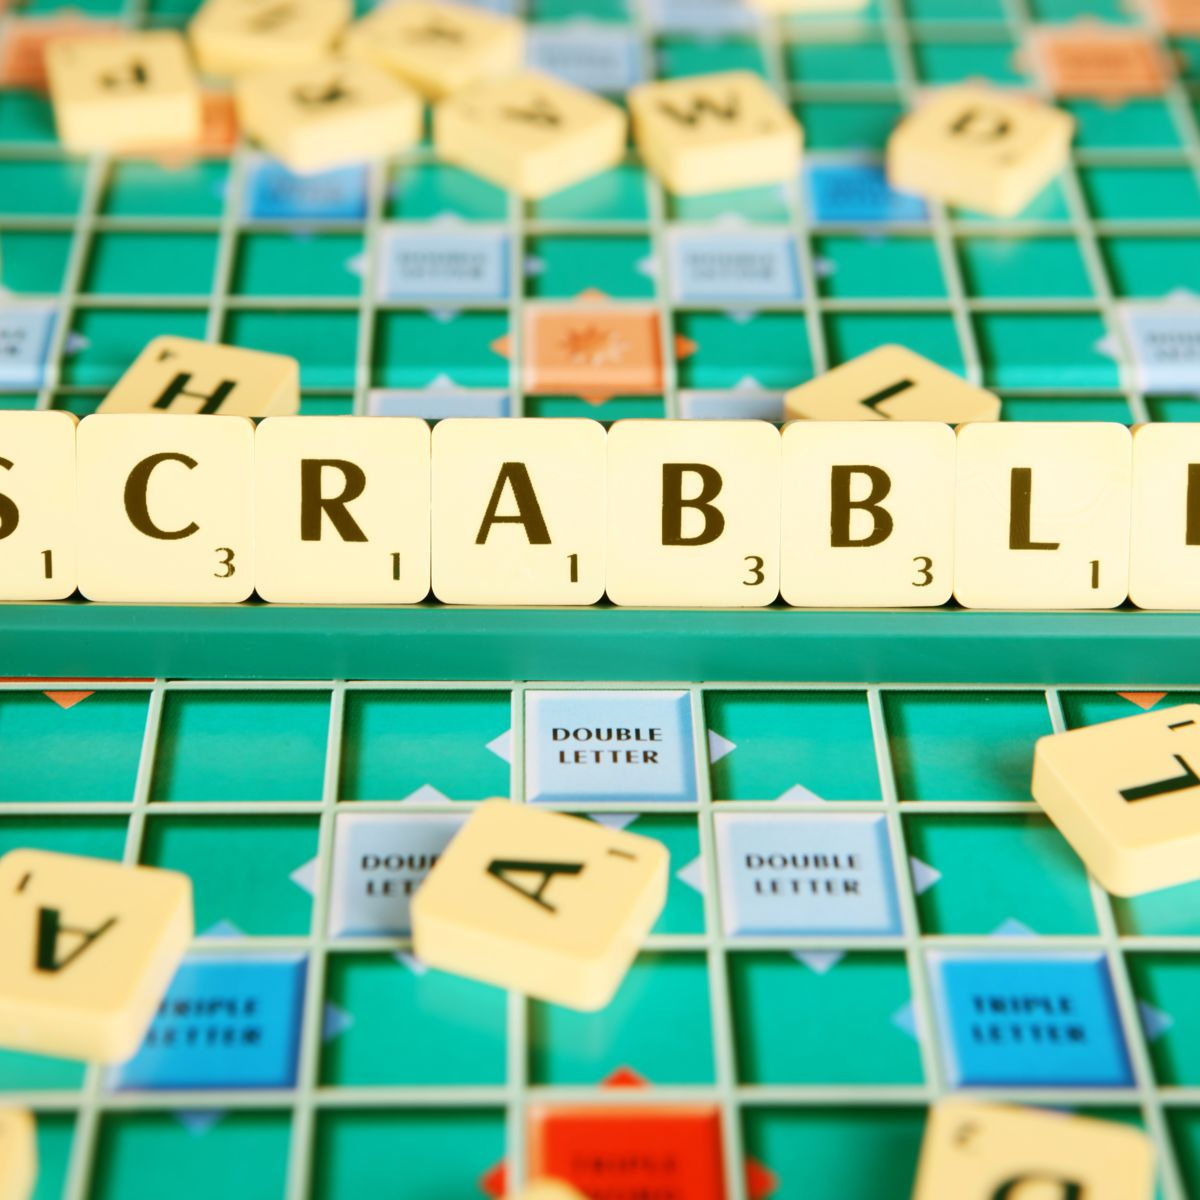 Jouer Au Scrabble En Ligne : Les Meilleurs Sites Et Applis dedans Jeux Enfant Gratuit En Ligne